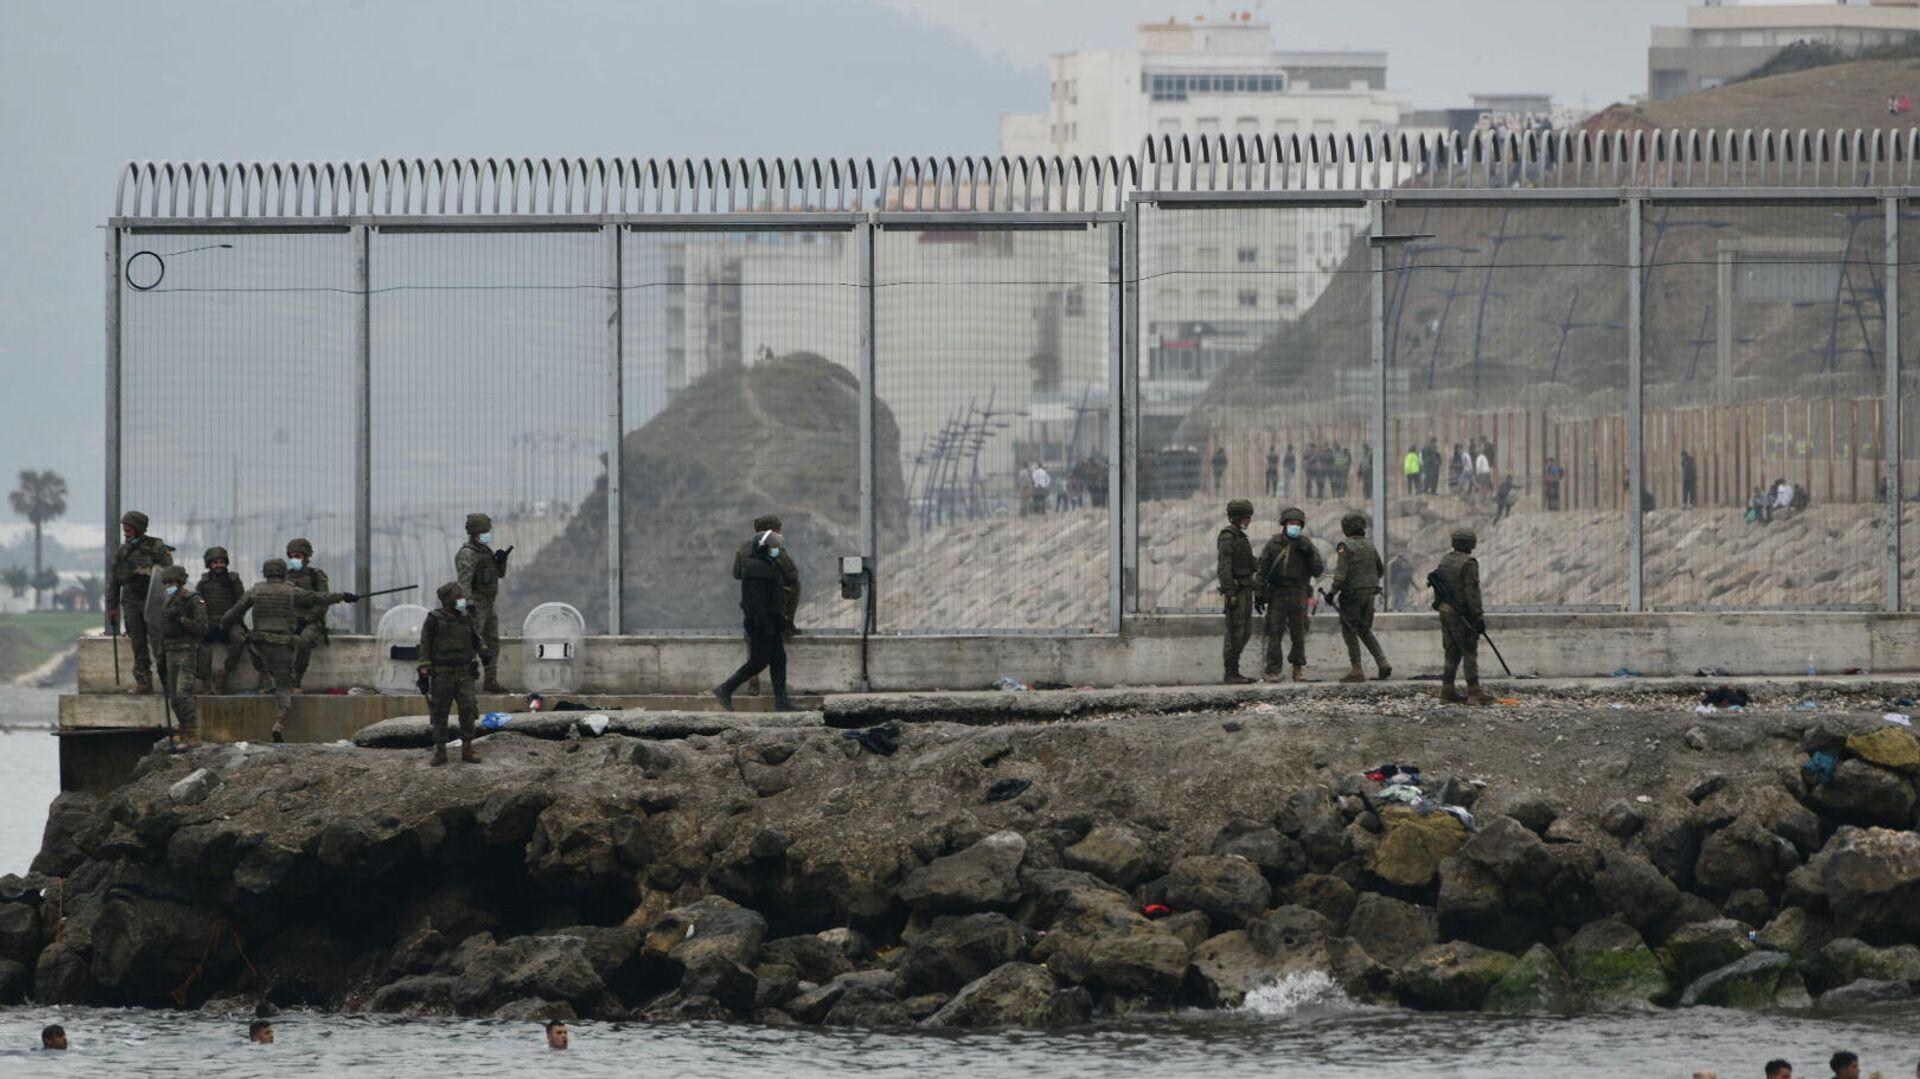 Varios militares del ejército español vigilan la frontera con Ceuta - Sputnik Mundo, 1920, 23.06.2021